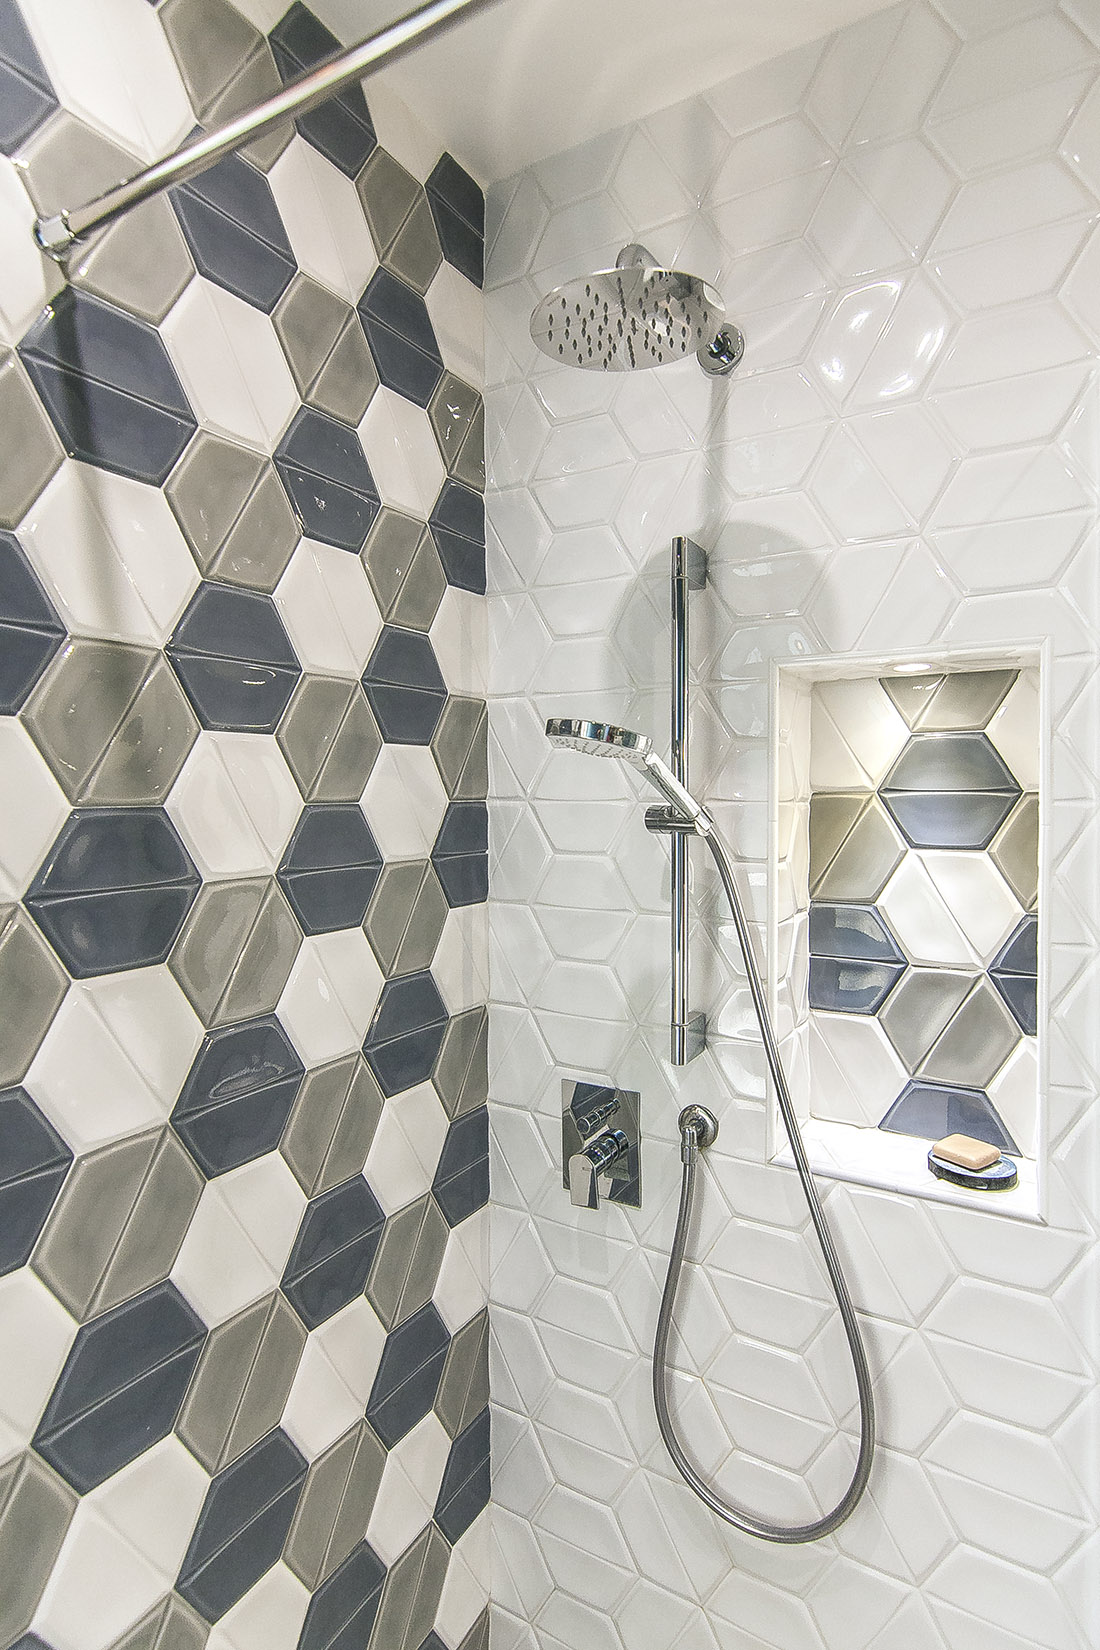 casa-tao-napoli-tufo-a-vista-recupero-moderno-pucciarelli-architetti-bagno-rivestimento-nicchia-doccia